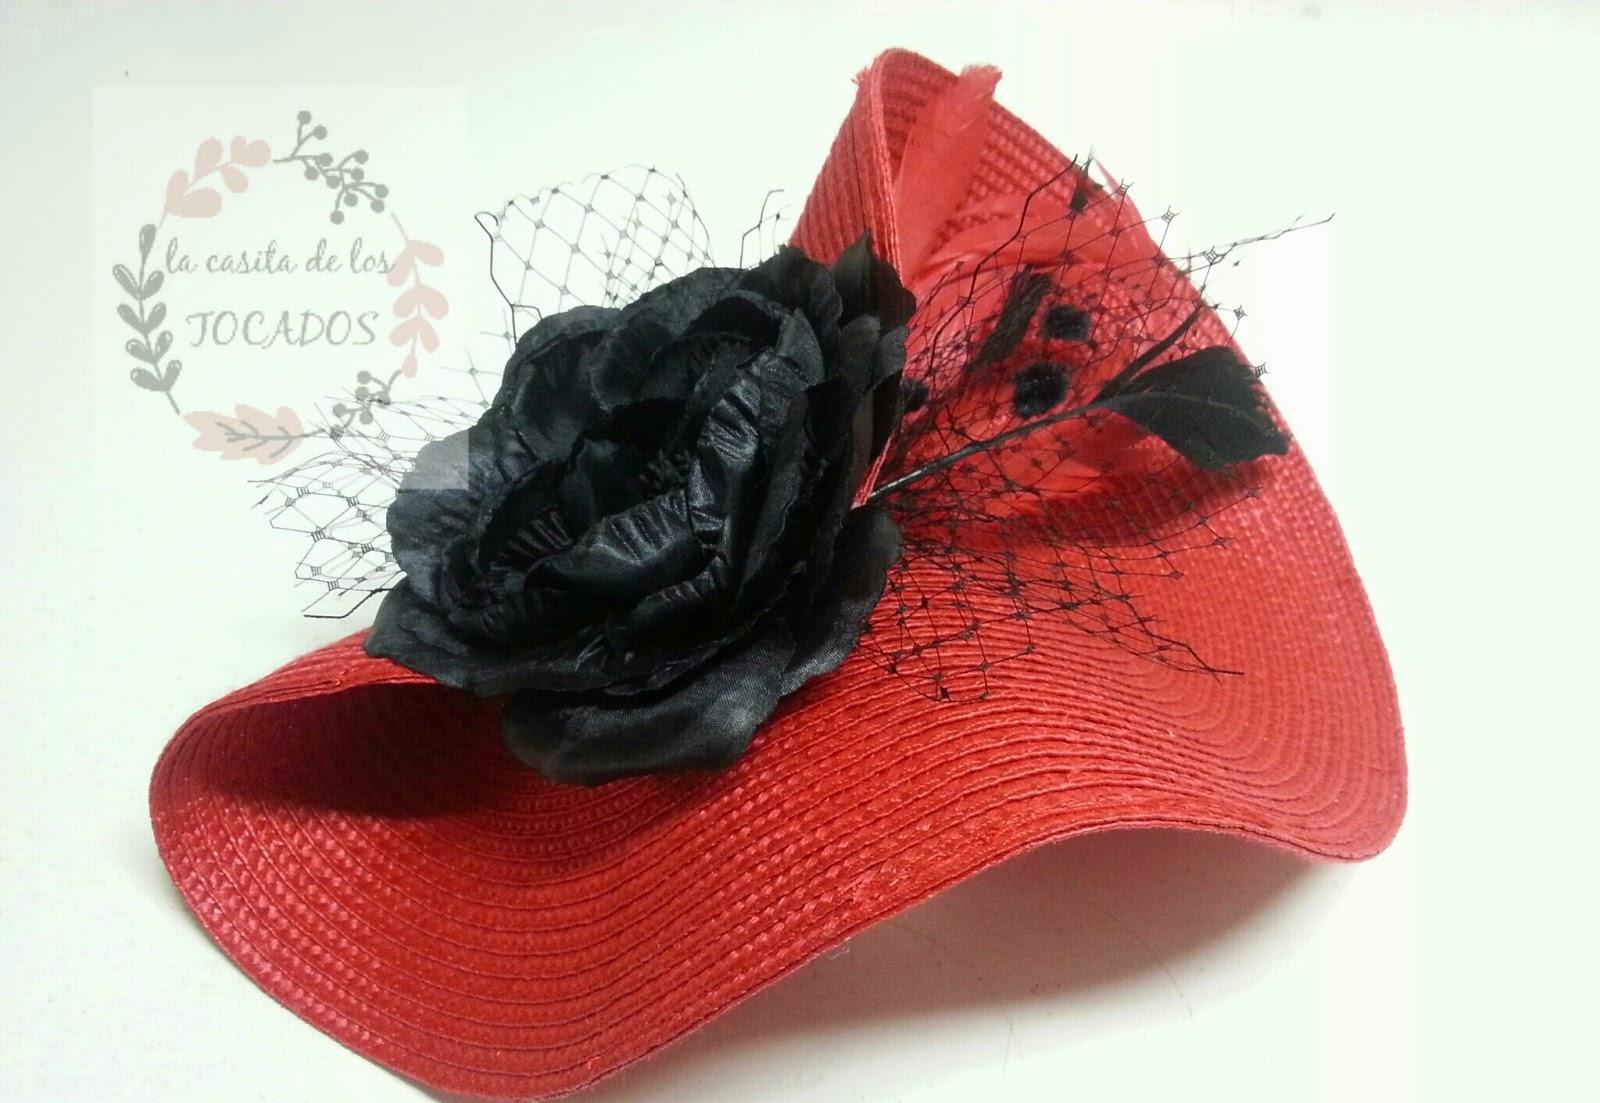 tocado con base de paja sintética en color rojo y negro con velo, flor y plumas